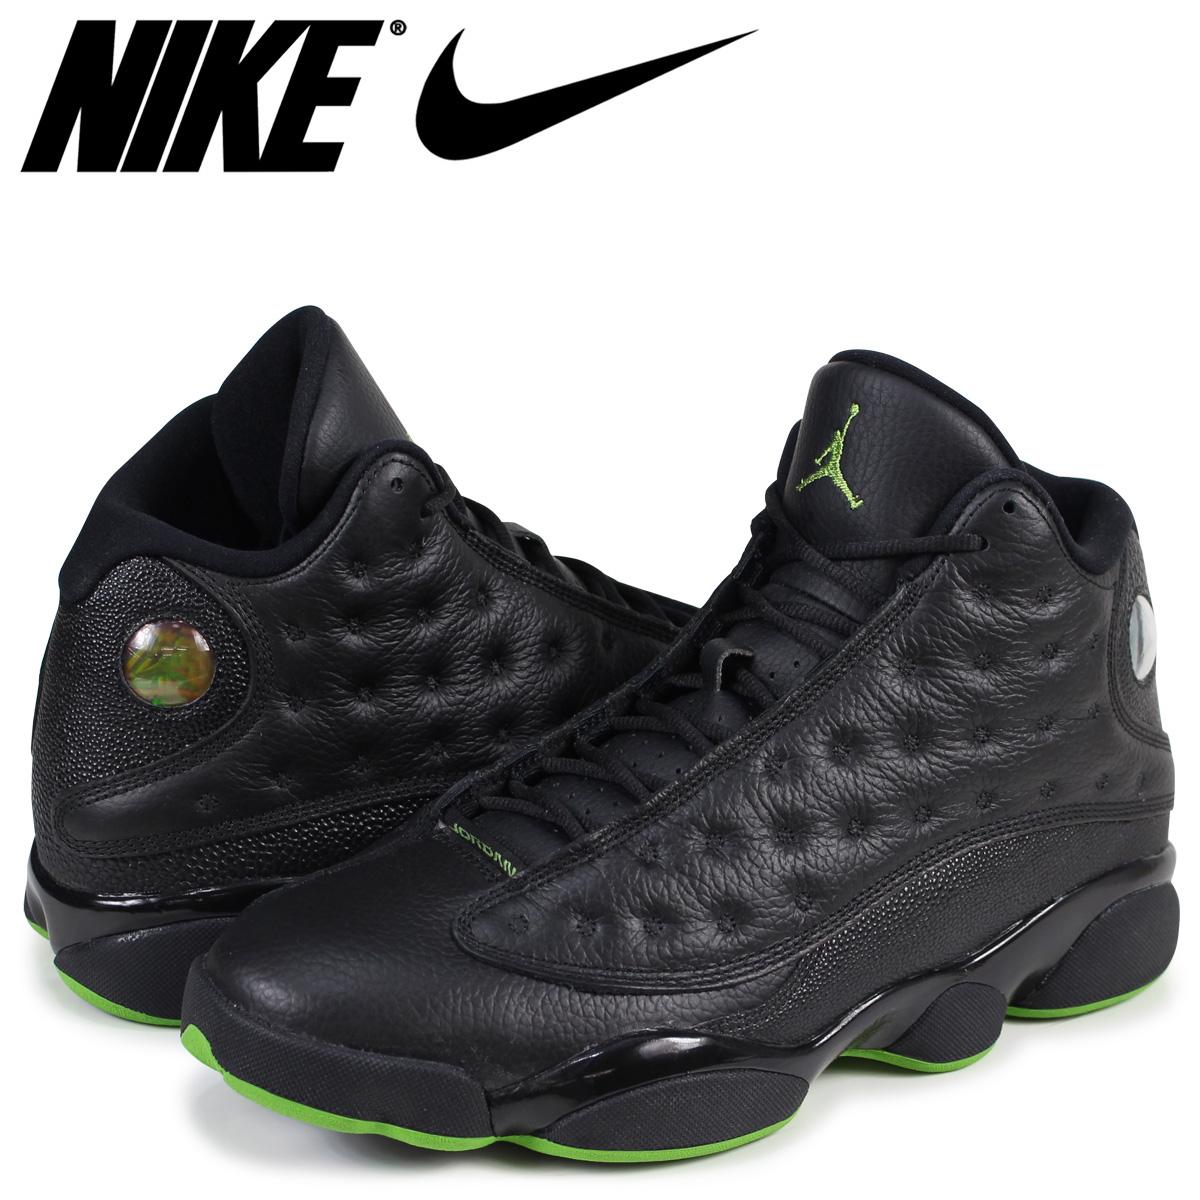 476f3ebc169 NIKE AIR JORDAN 13 RETRO ALTITUDE Nike Air Jordan 13 sneakers nostalgic men  black 414,571- ...